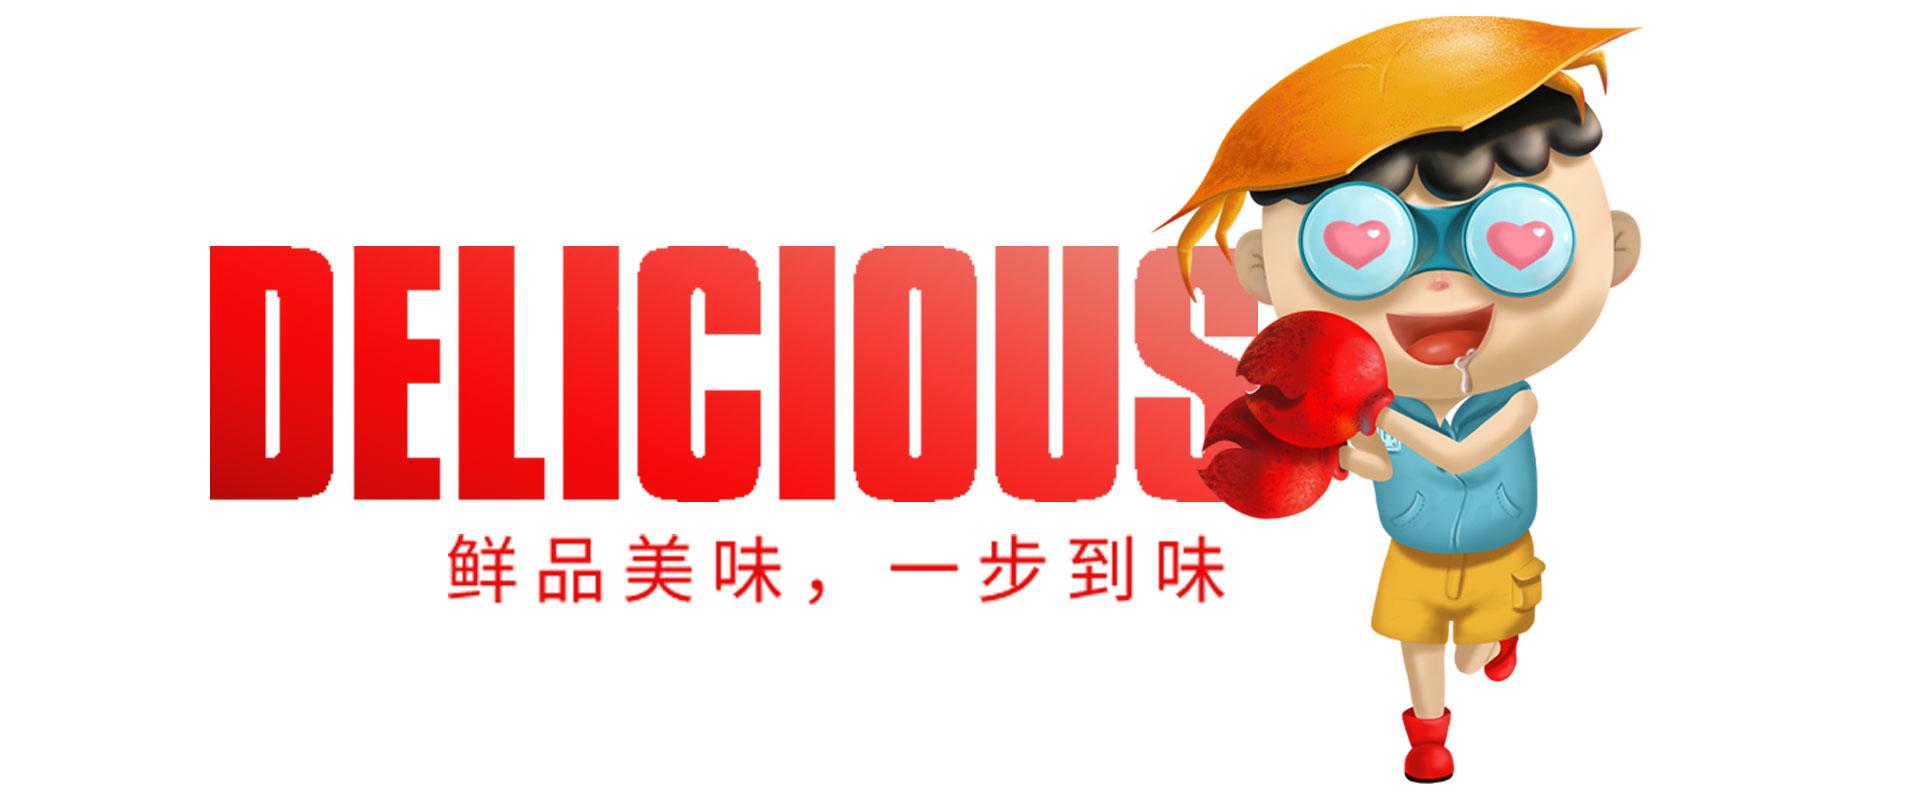 蟹小满品牌形象设计